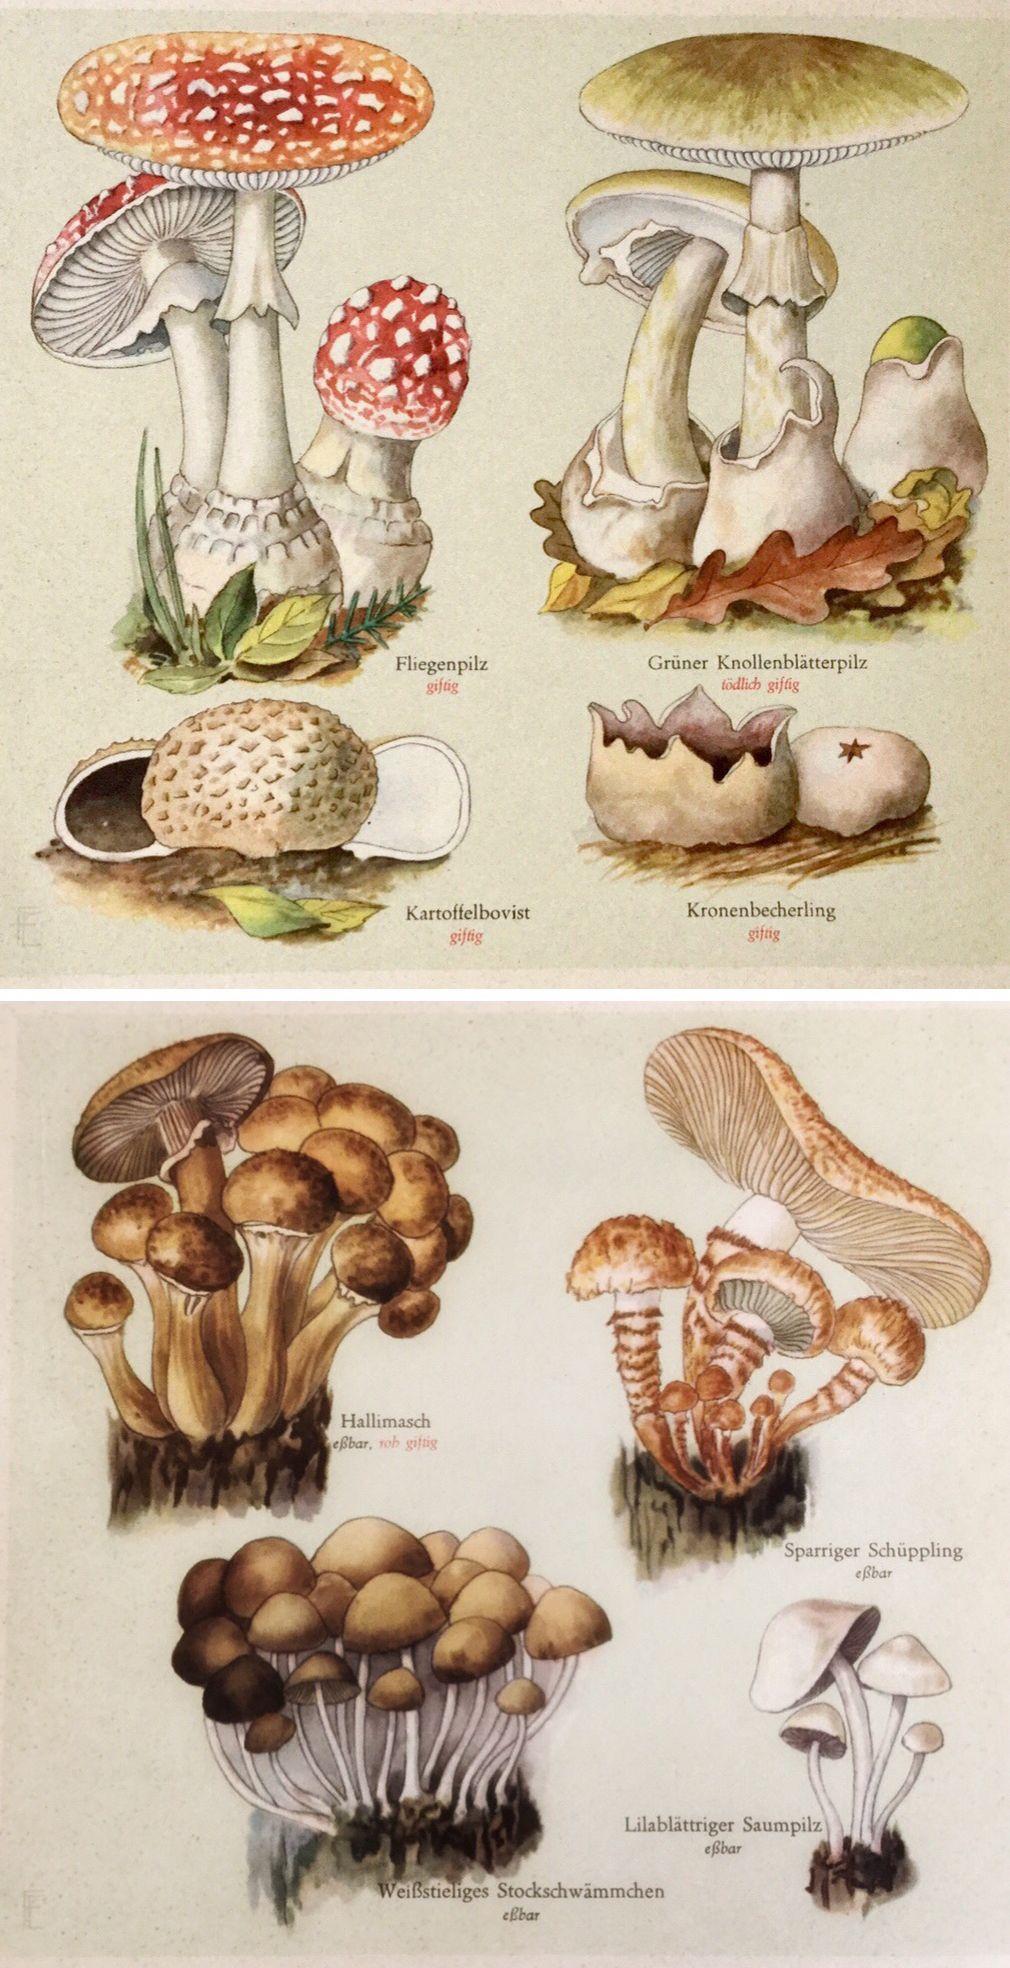 Vintage Mushroom Print A Printable Digital Image No 392 Etsy In 2020 Mushroom Art Vintage Illustration Vintage Mushroom